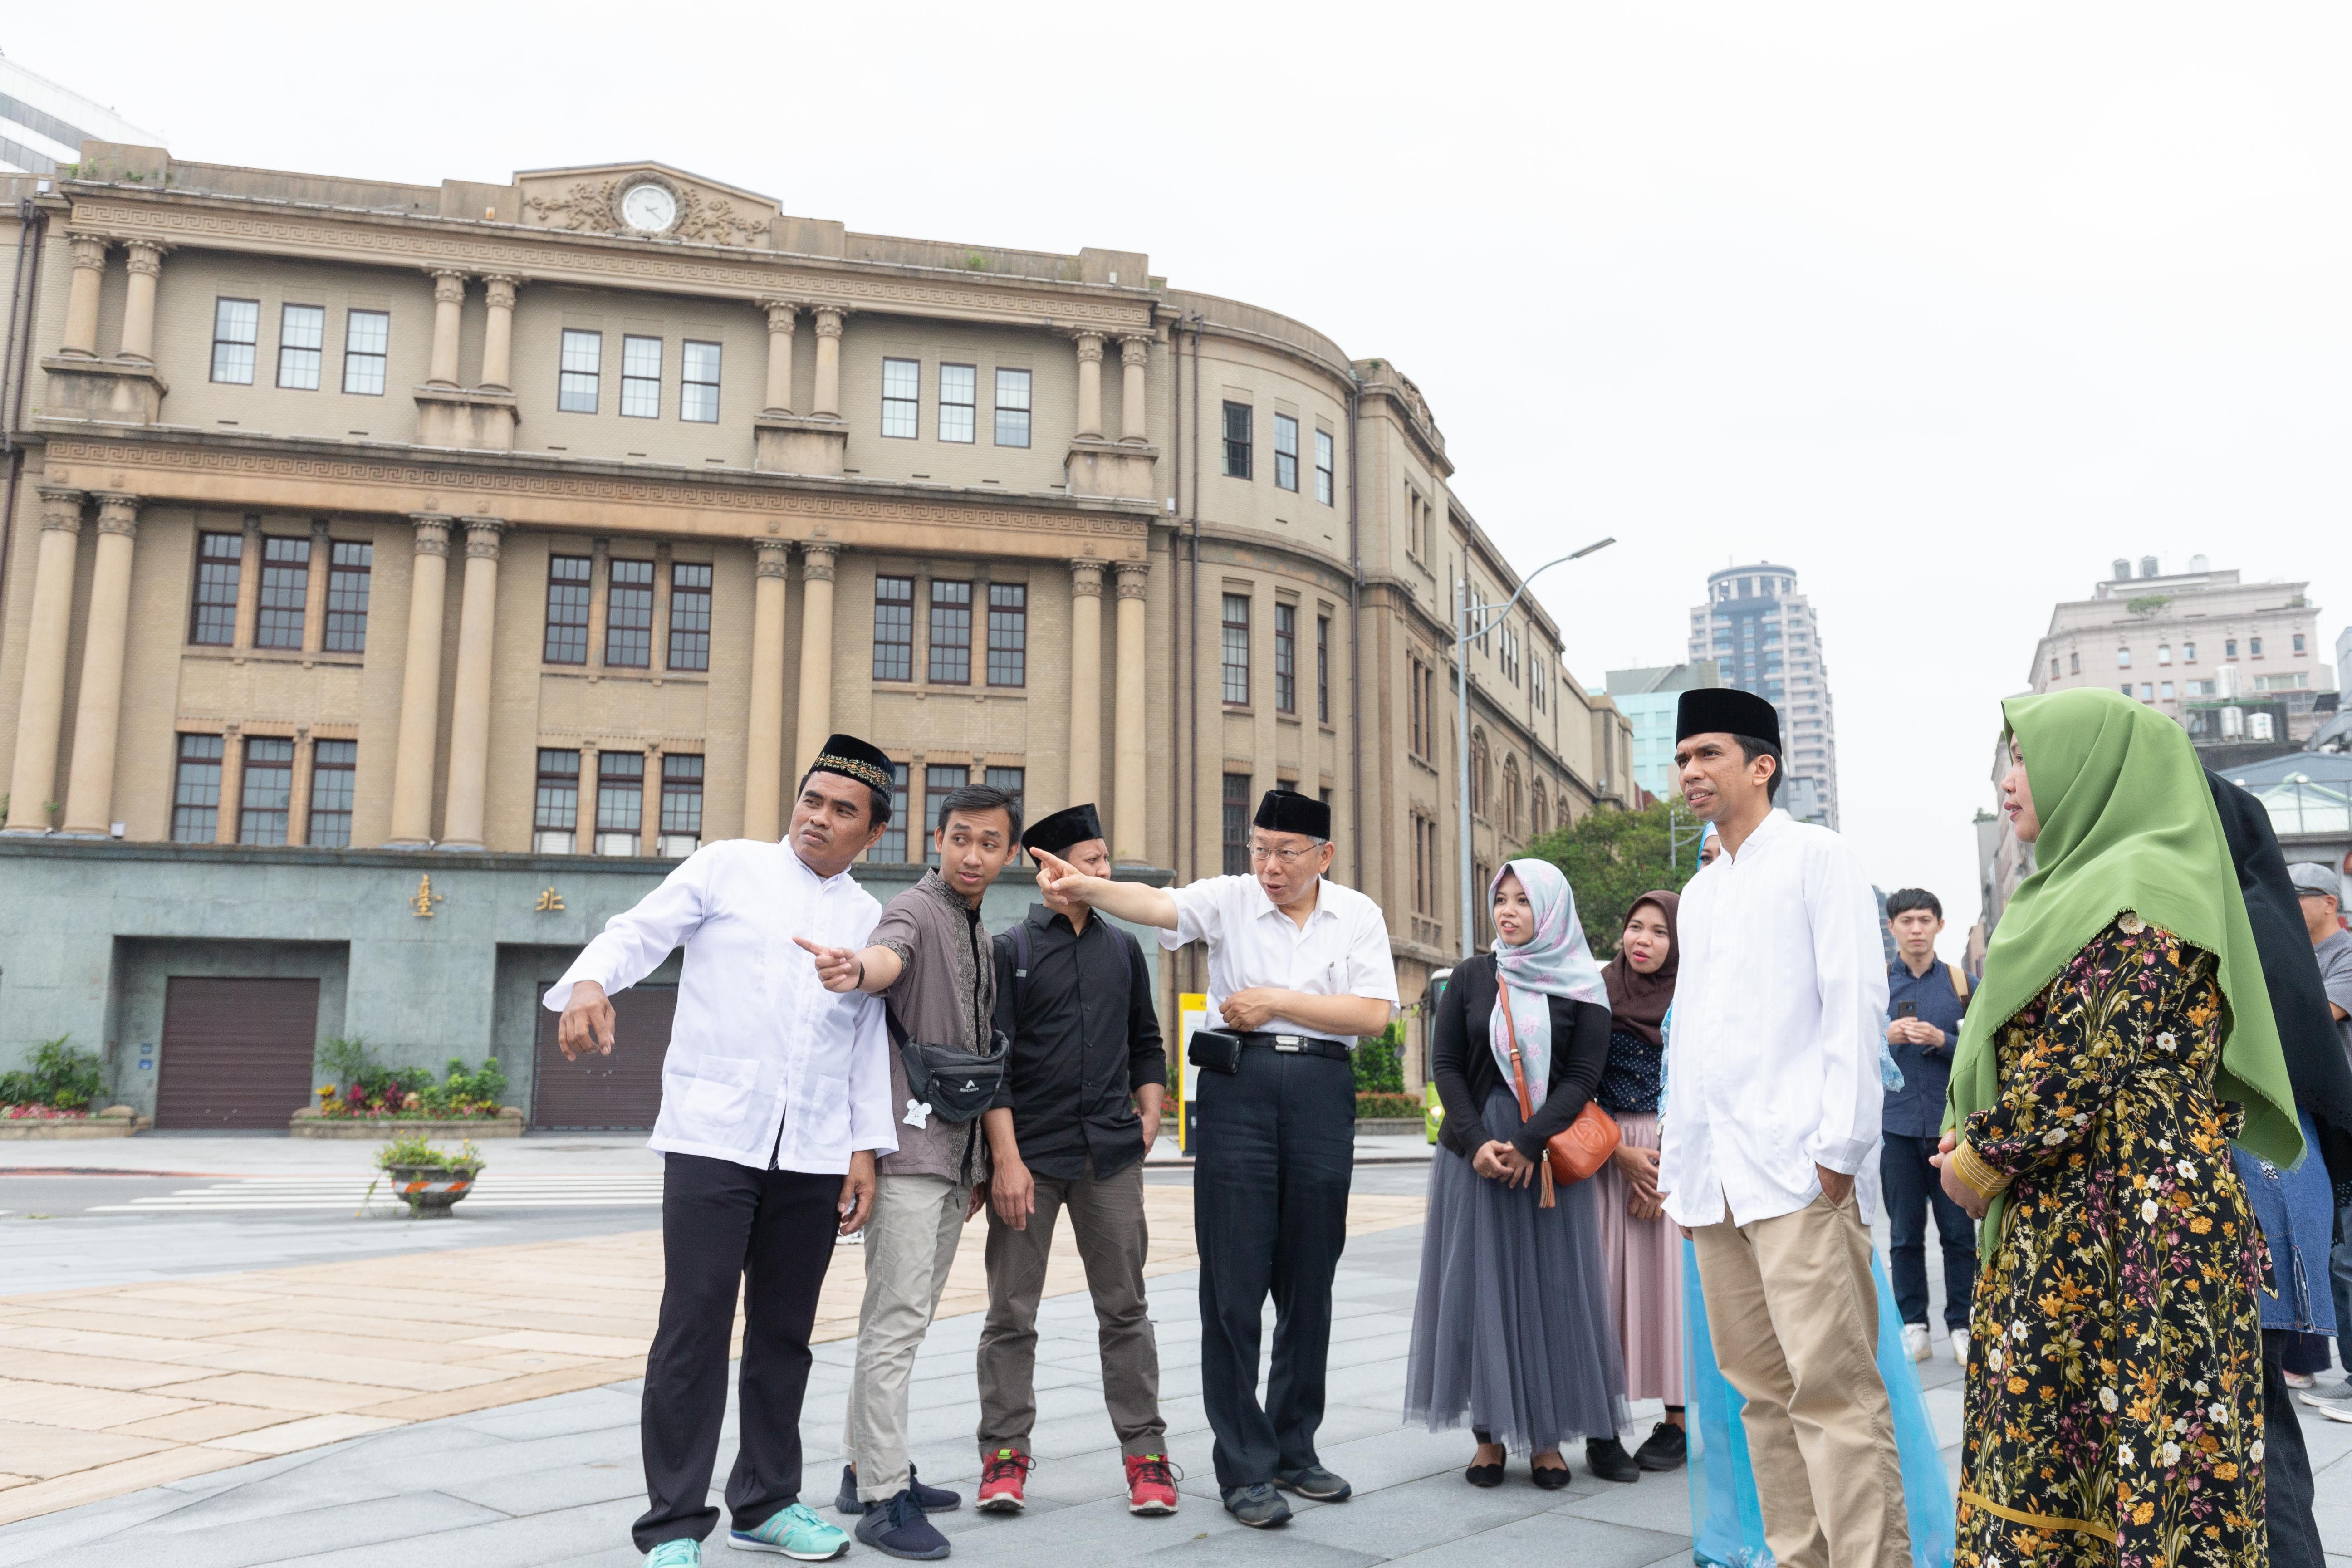 市長柯文哲於臺北開齋節拍攝現場,與穆斯林朋友解說北門廣場歷史